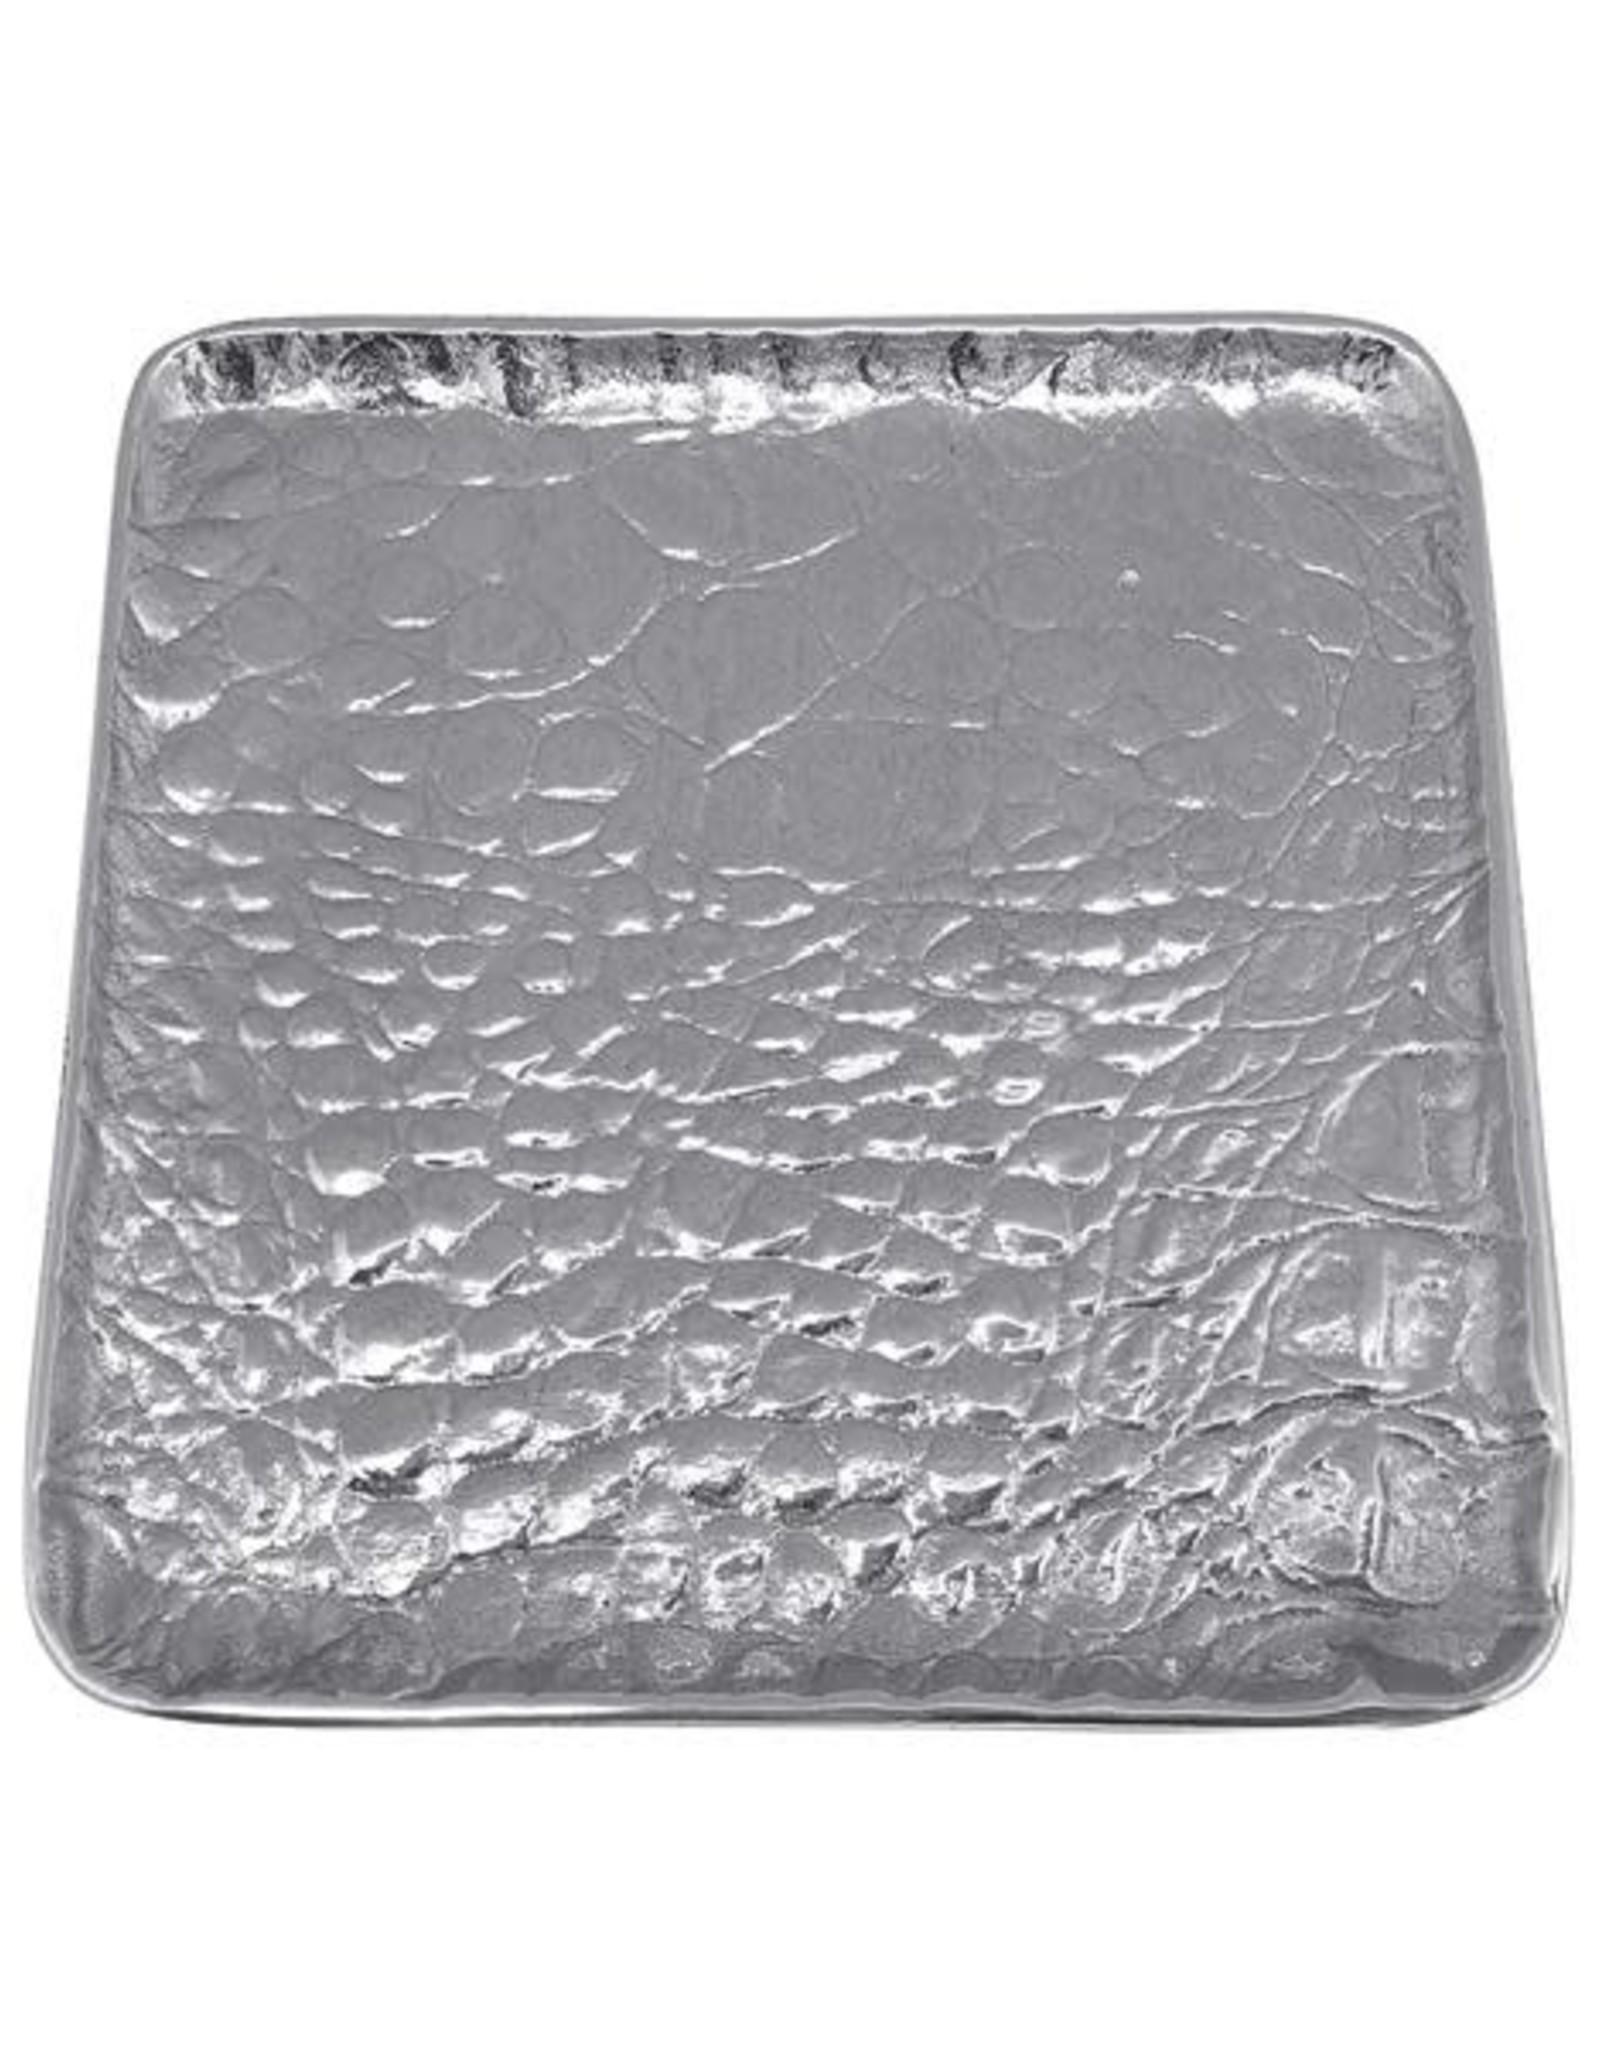 Croc Small Square Plate